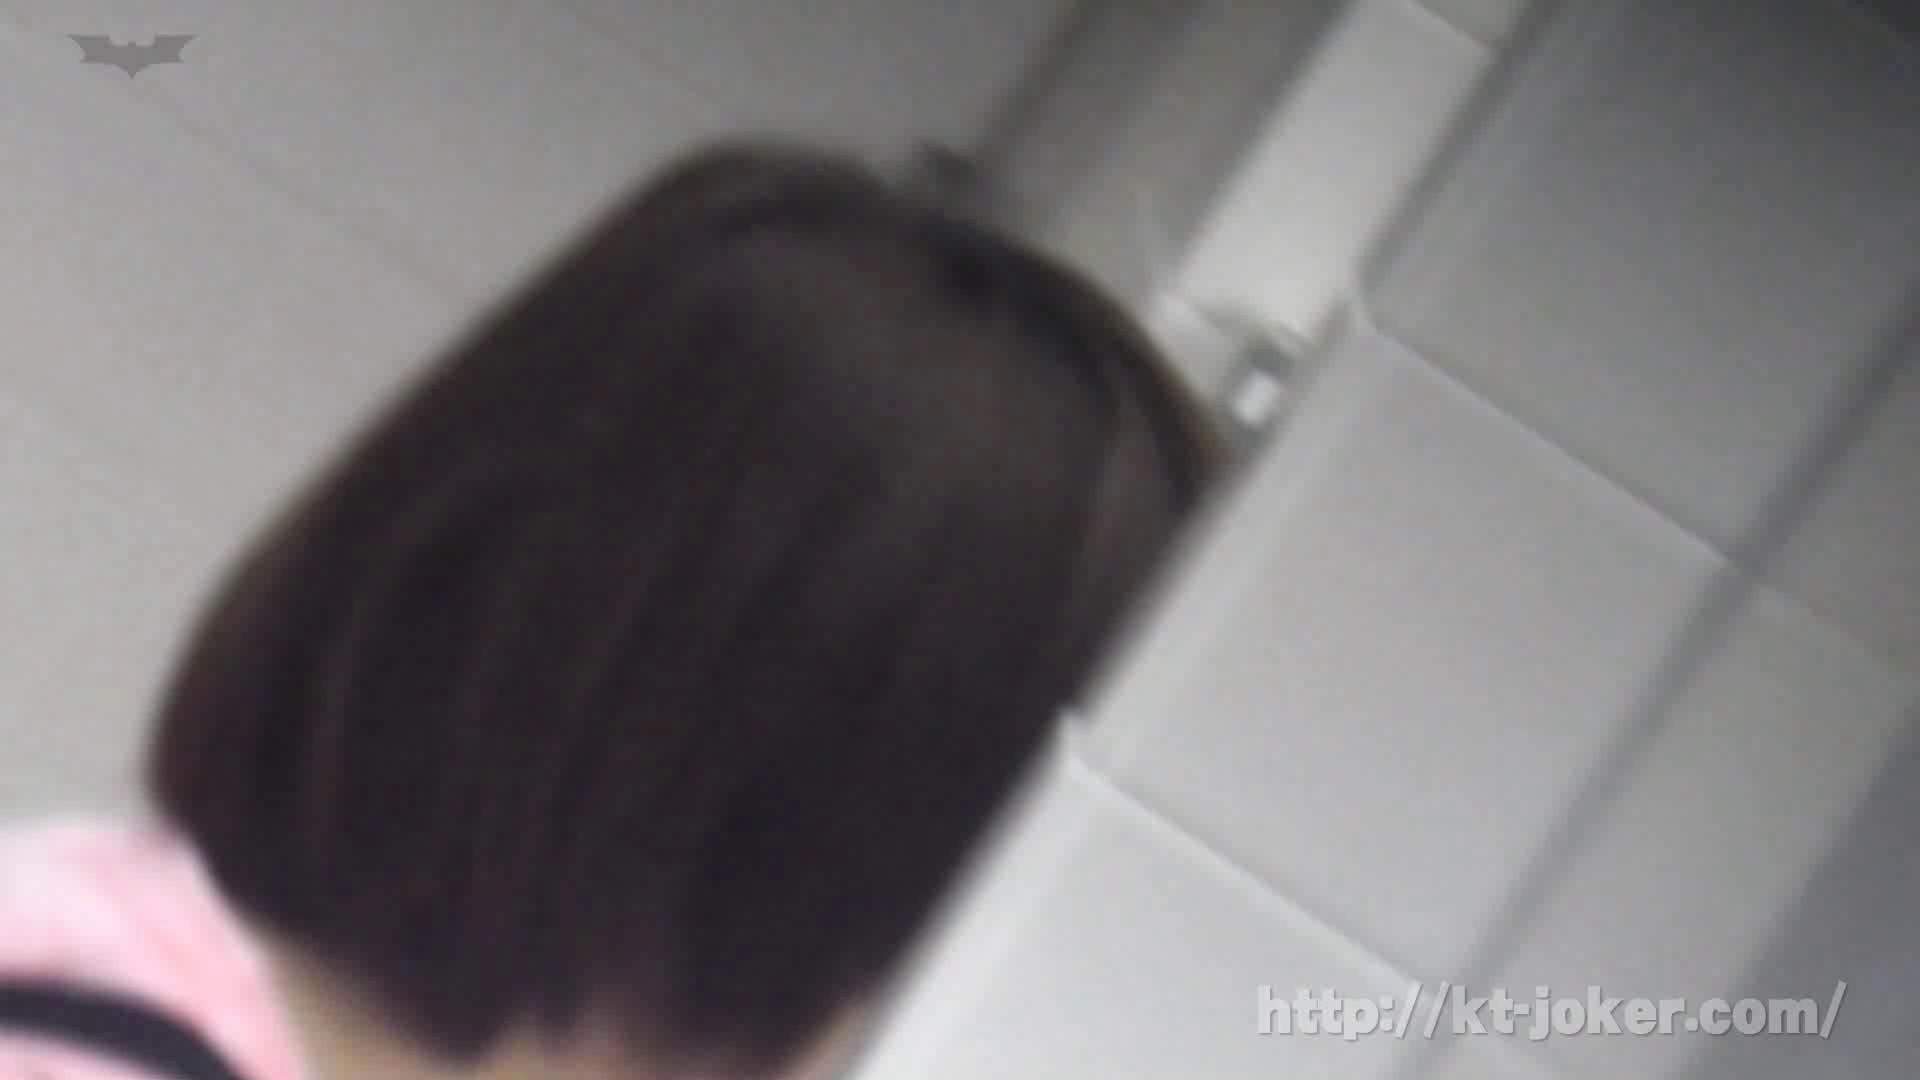 命がけ潜伏洗面所! vol.71 典型的な韓国人美女登場!! OLの実態  97pic 96